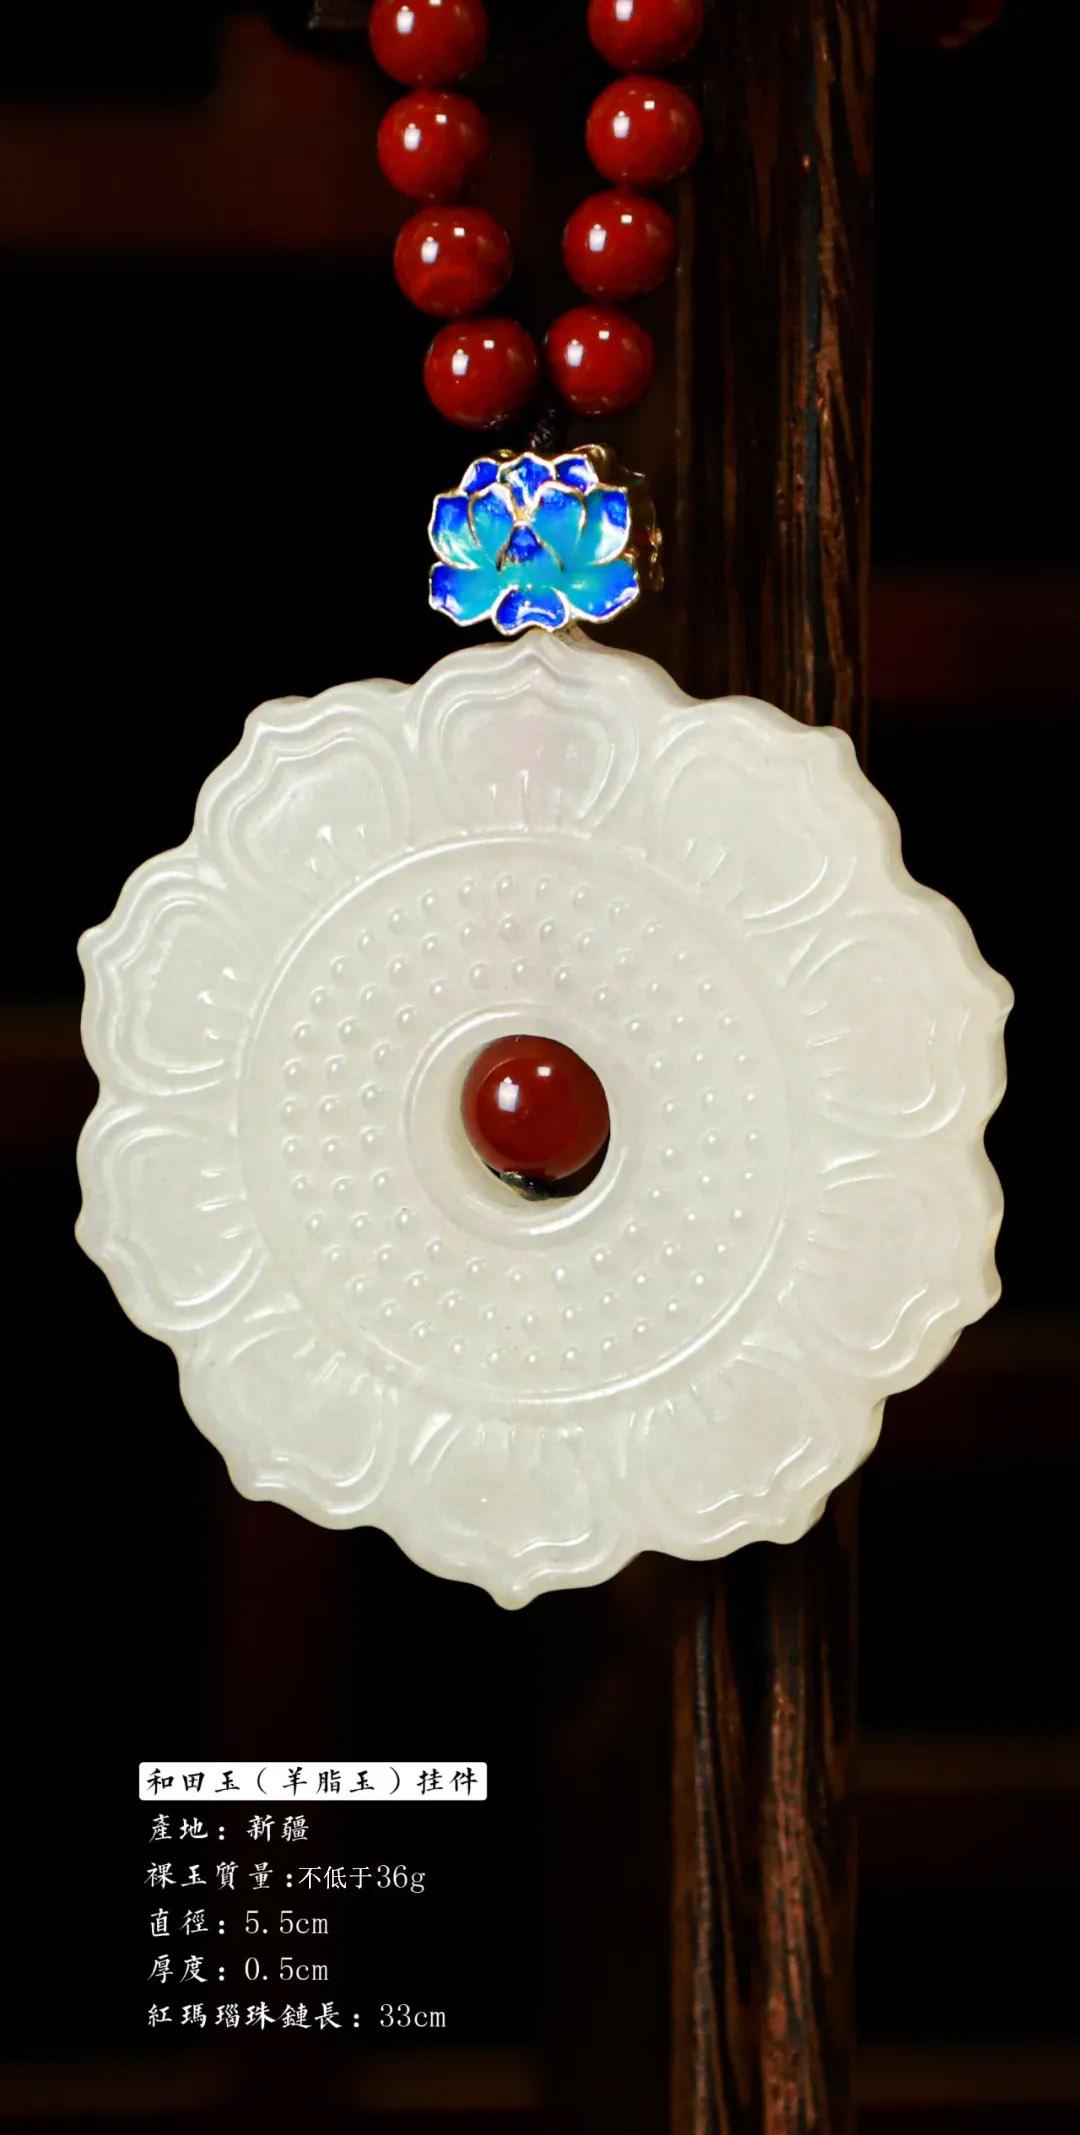 稀缺上等羊脂玉做的绝美白莲,凝聚了所有美好祝福